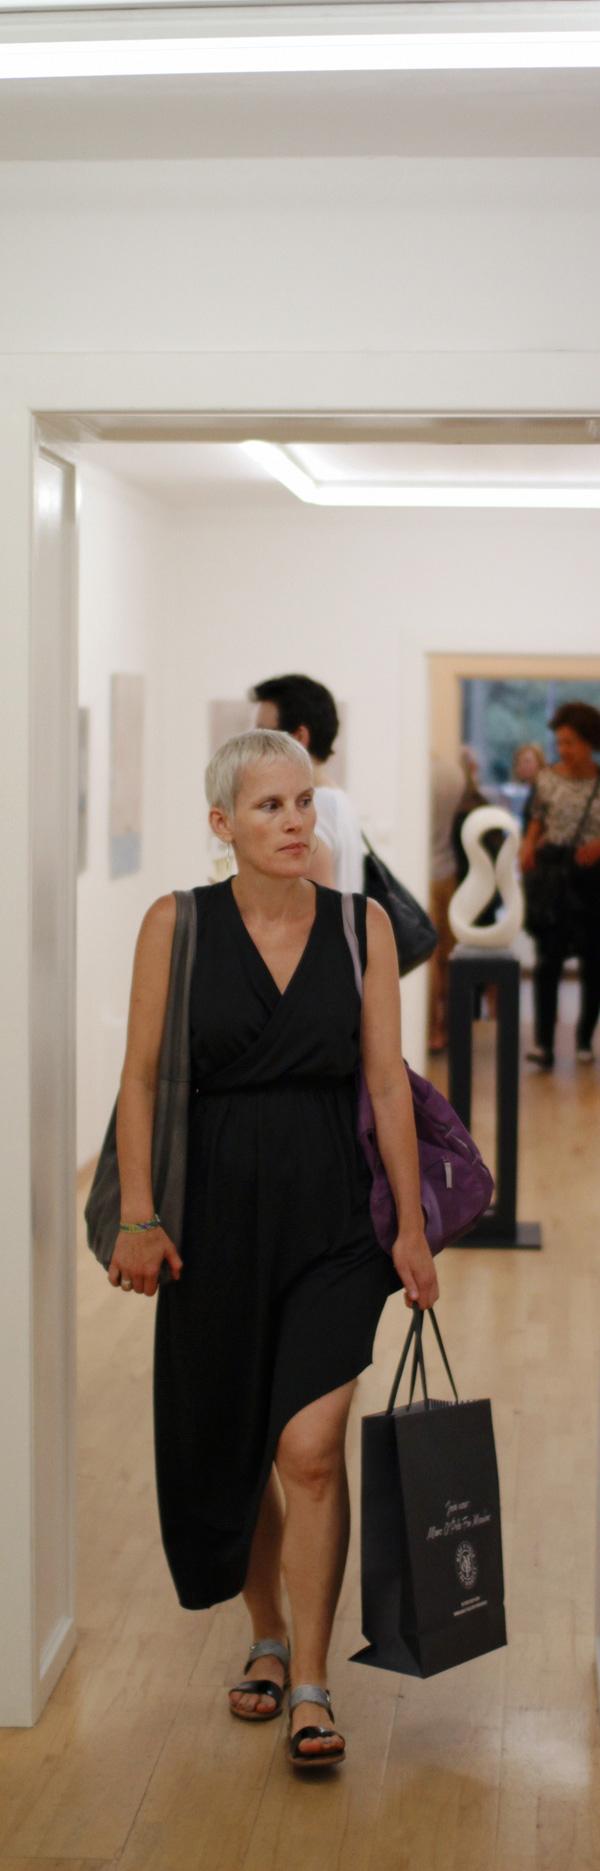 weartberlin Kunst-Ausstellung in der Galerie ICON Berlin39